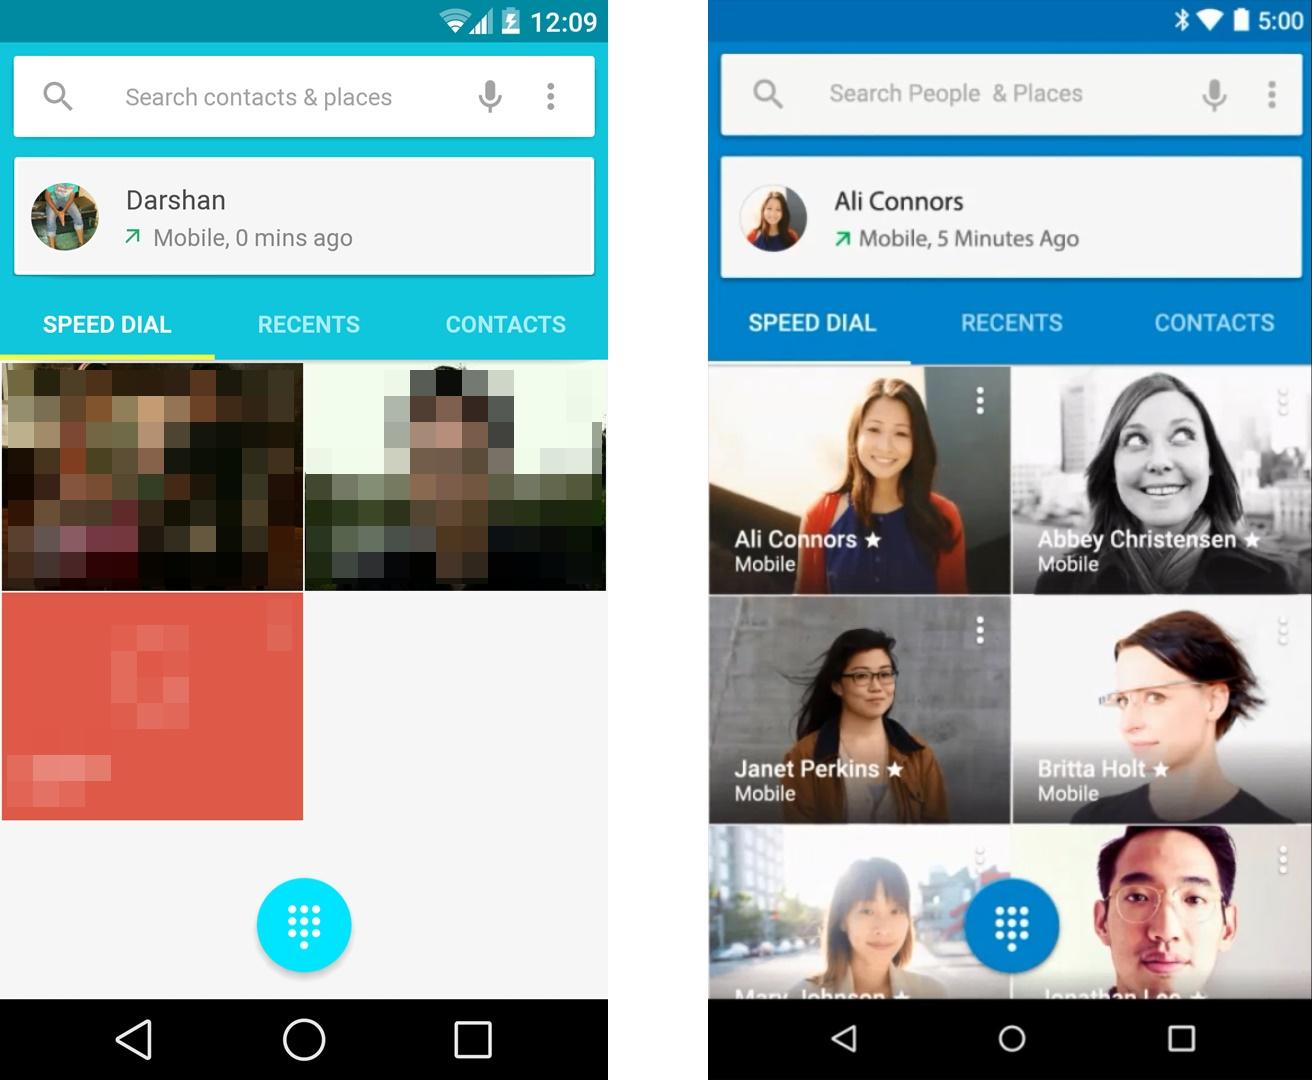 Android-L-vs-Android-5.0-Lollipop-Dialer-theandroidsoul.com_